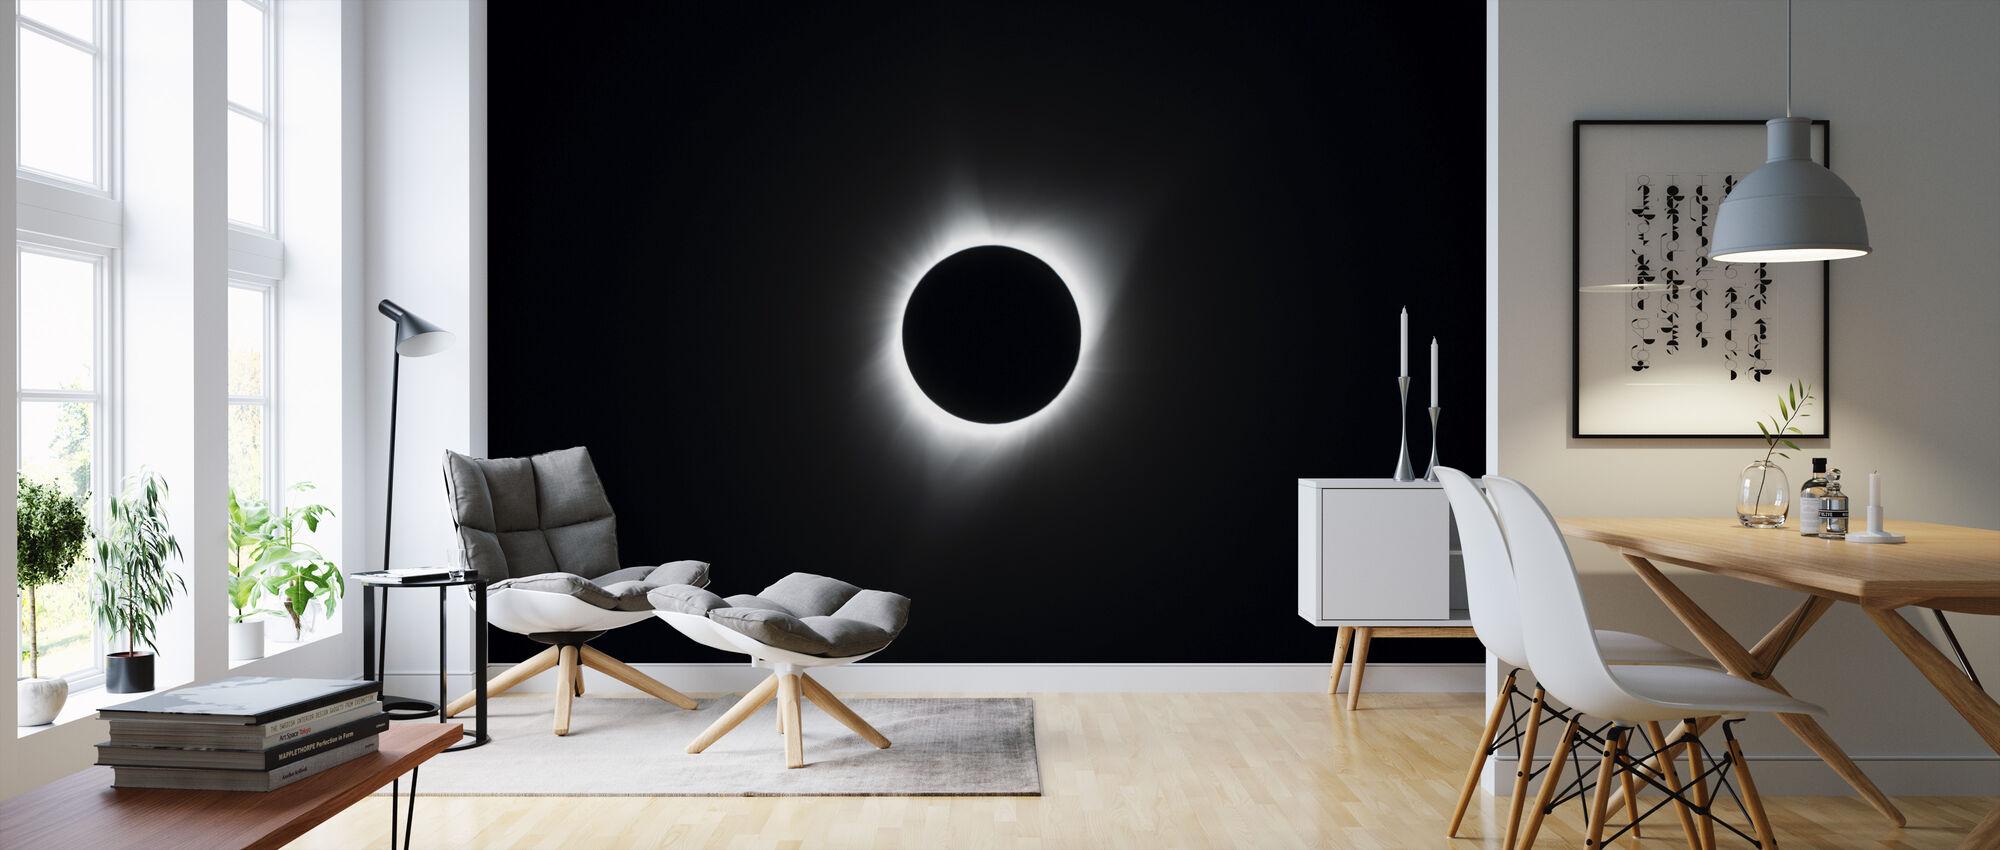 Eclipse yhteensä - Tapetti - Olohuone